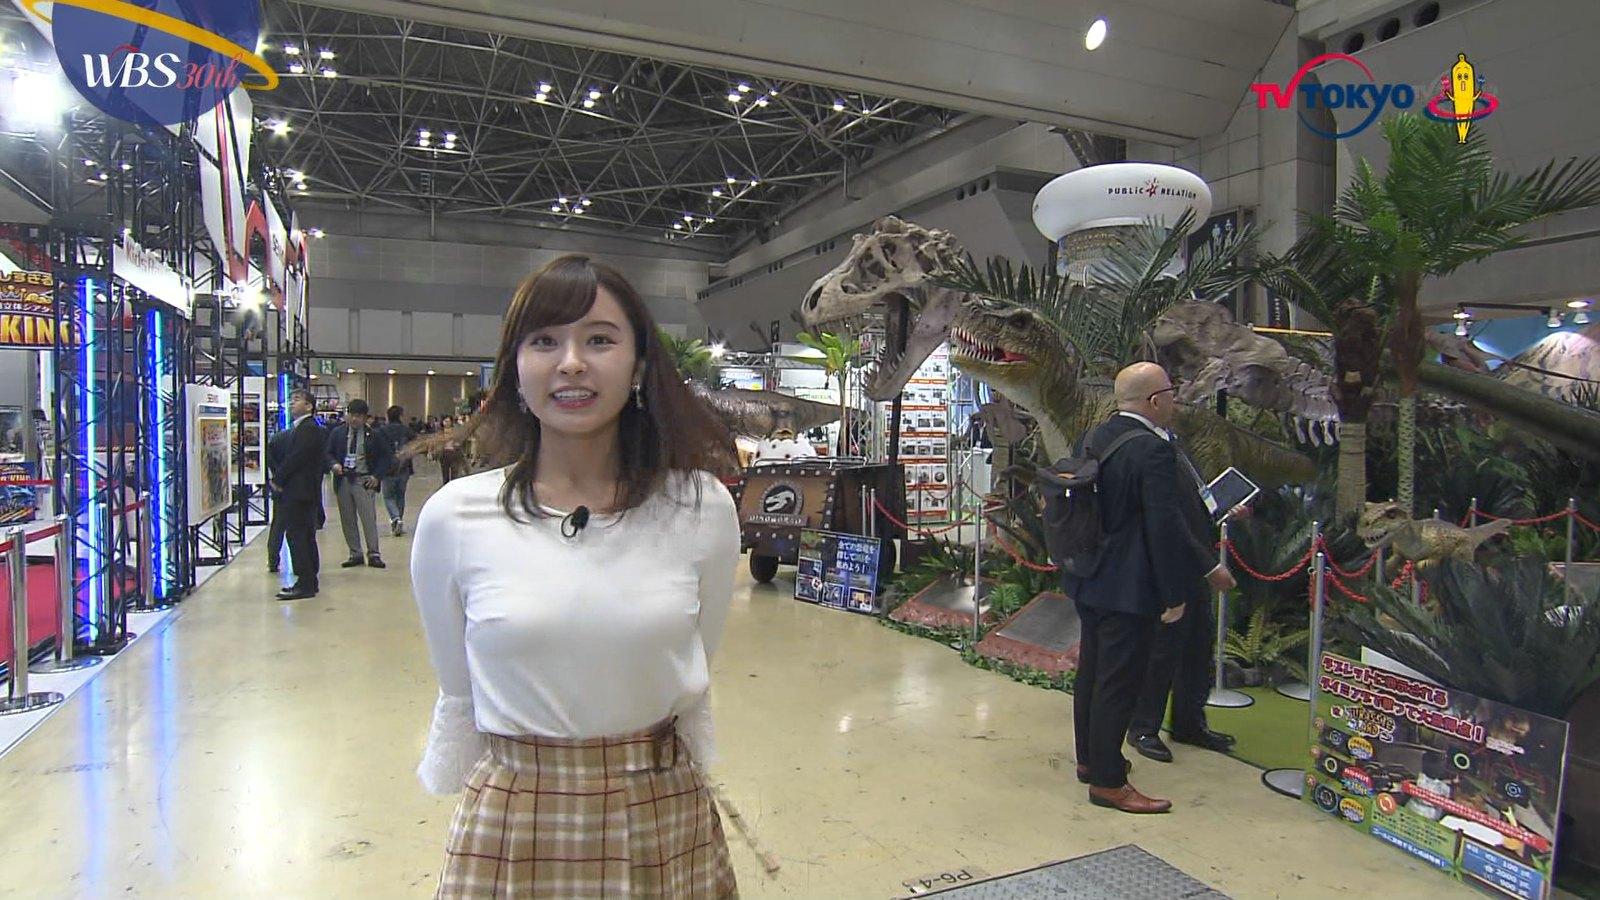 2018年12月6日テレ東『ワールドビジネスサテライト』角谷暁子さんのテレビキャプチャー画像-027